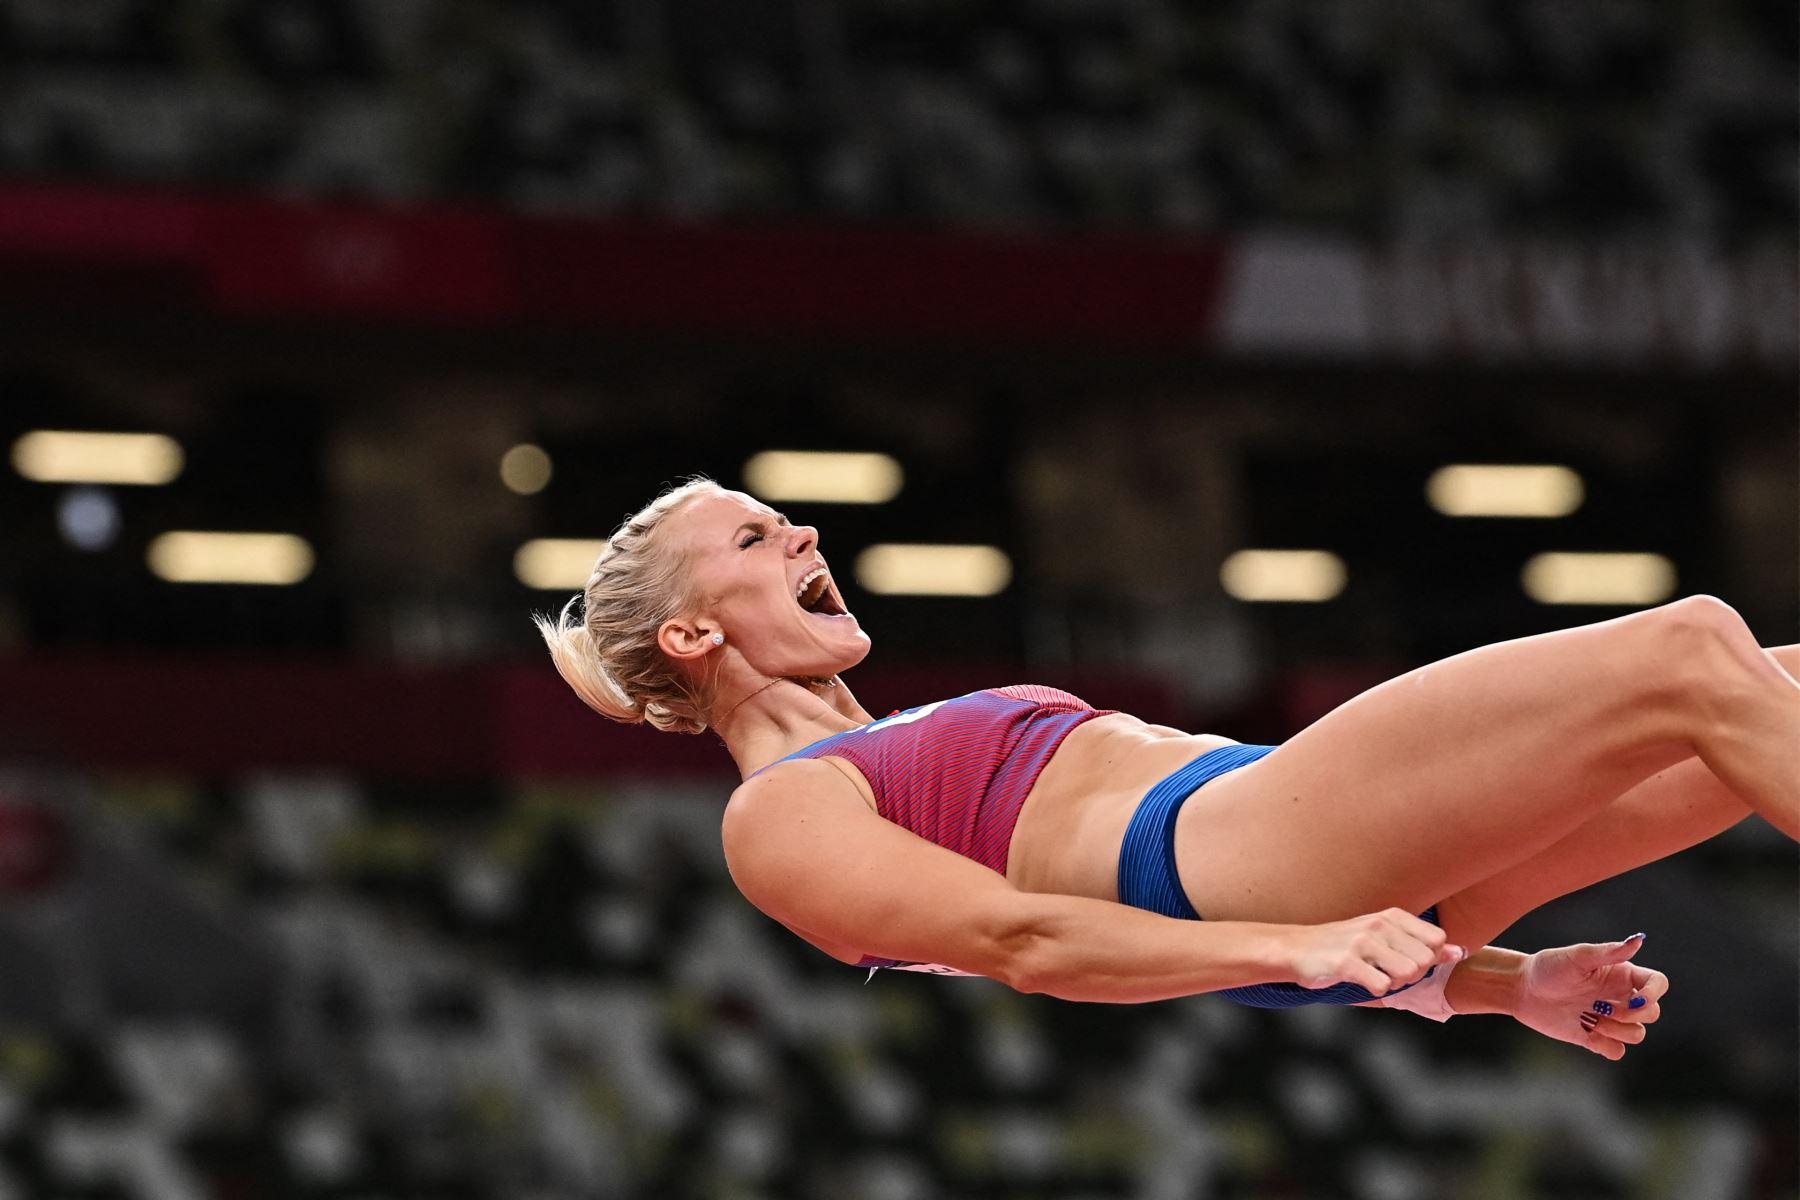 La estadounidense Katie Nageotte celebra durante la final de salto con pértiga femenino durante los Juegos Olímpicos de Tokio 2020 en el Estadio Olímpico de Tokio. Foto: AFP